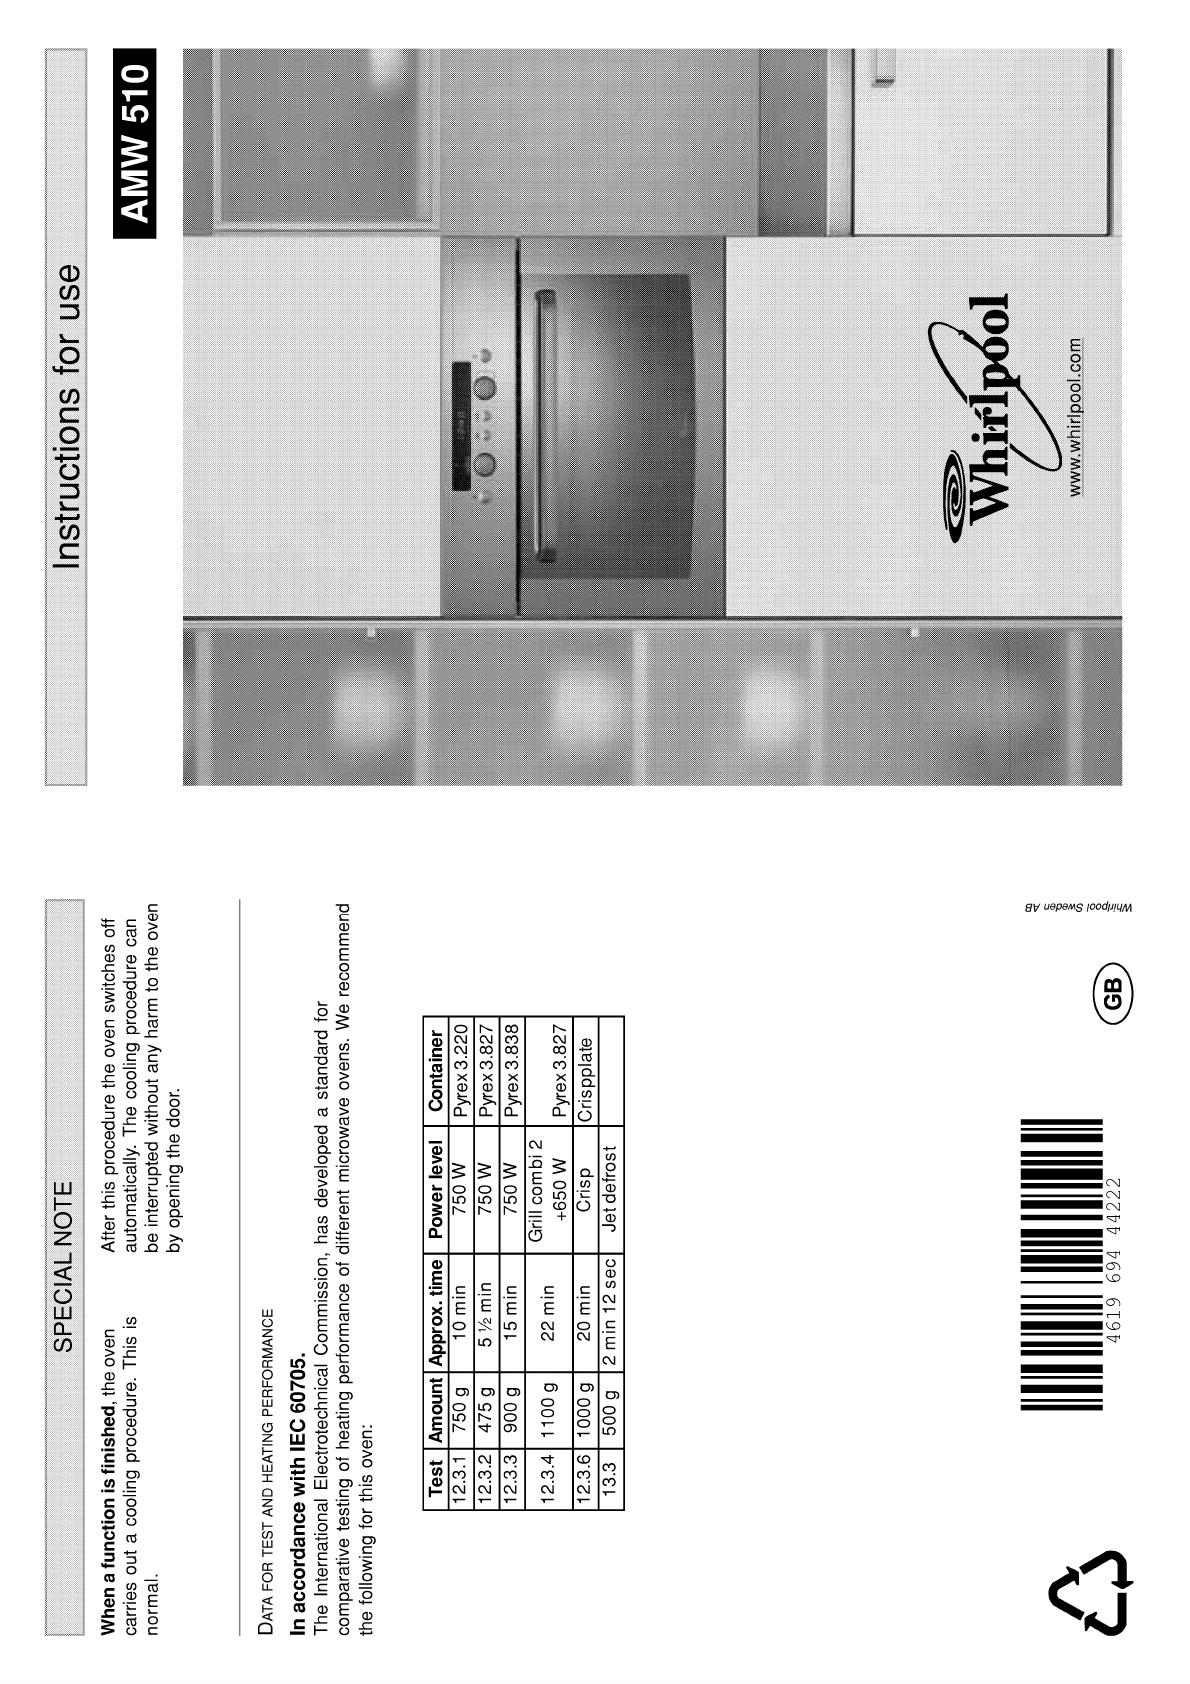 bedienungsanleitung whirlpool amw 510 wh seite 1 von 10 englisch. Black Bedroom Furniture Sets. Home Design Ideas